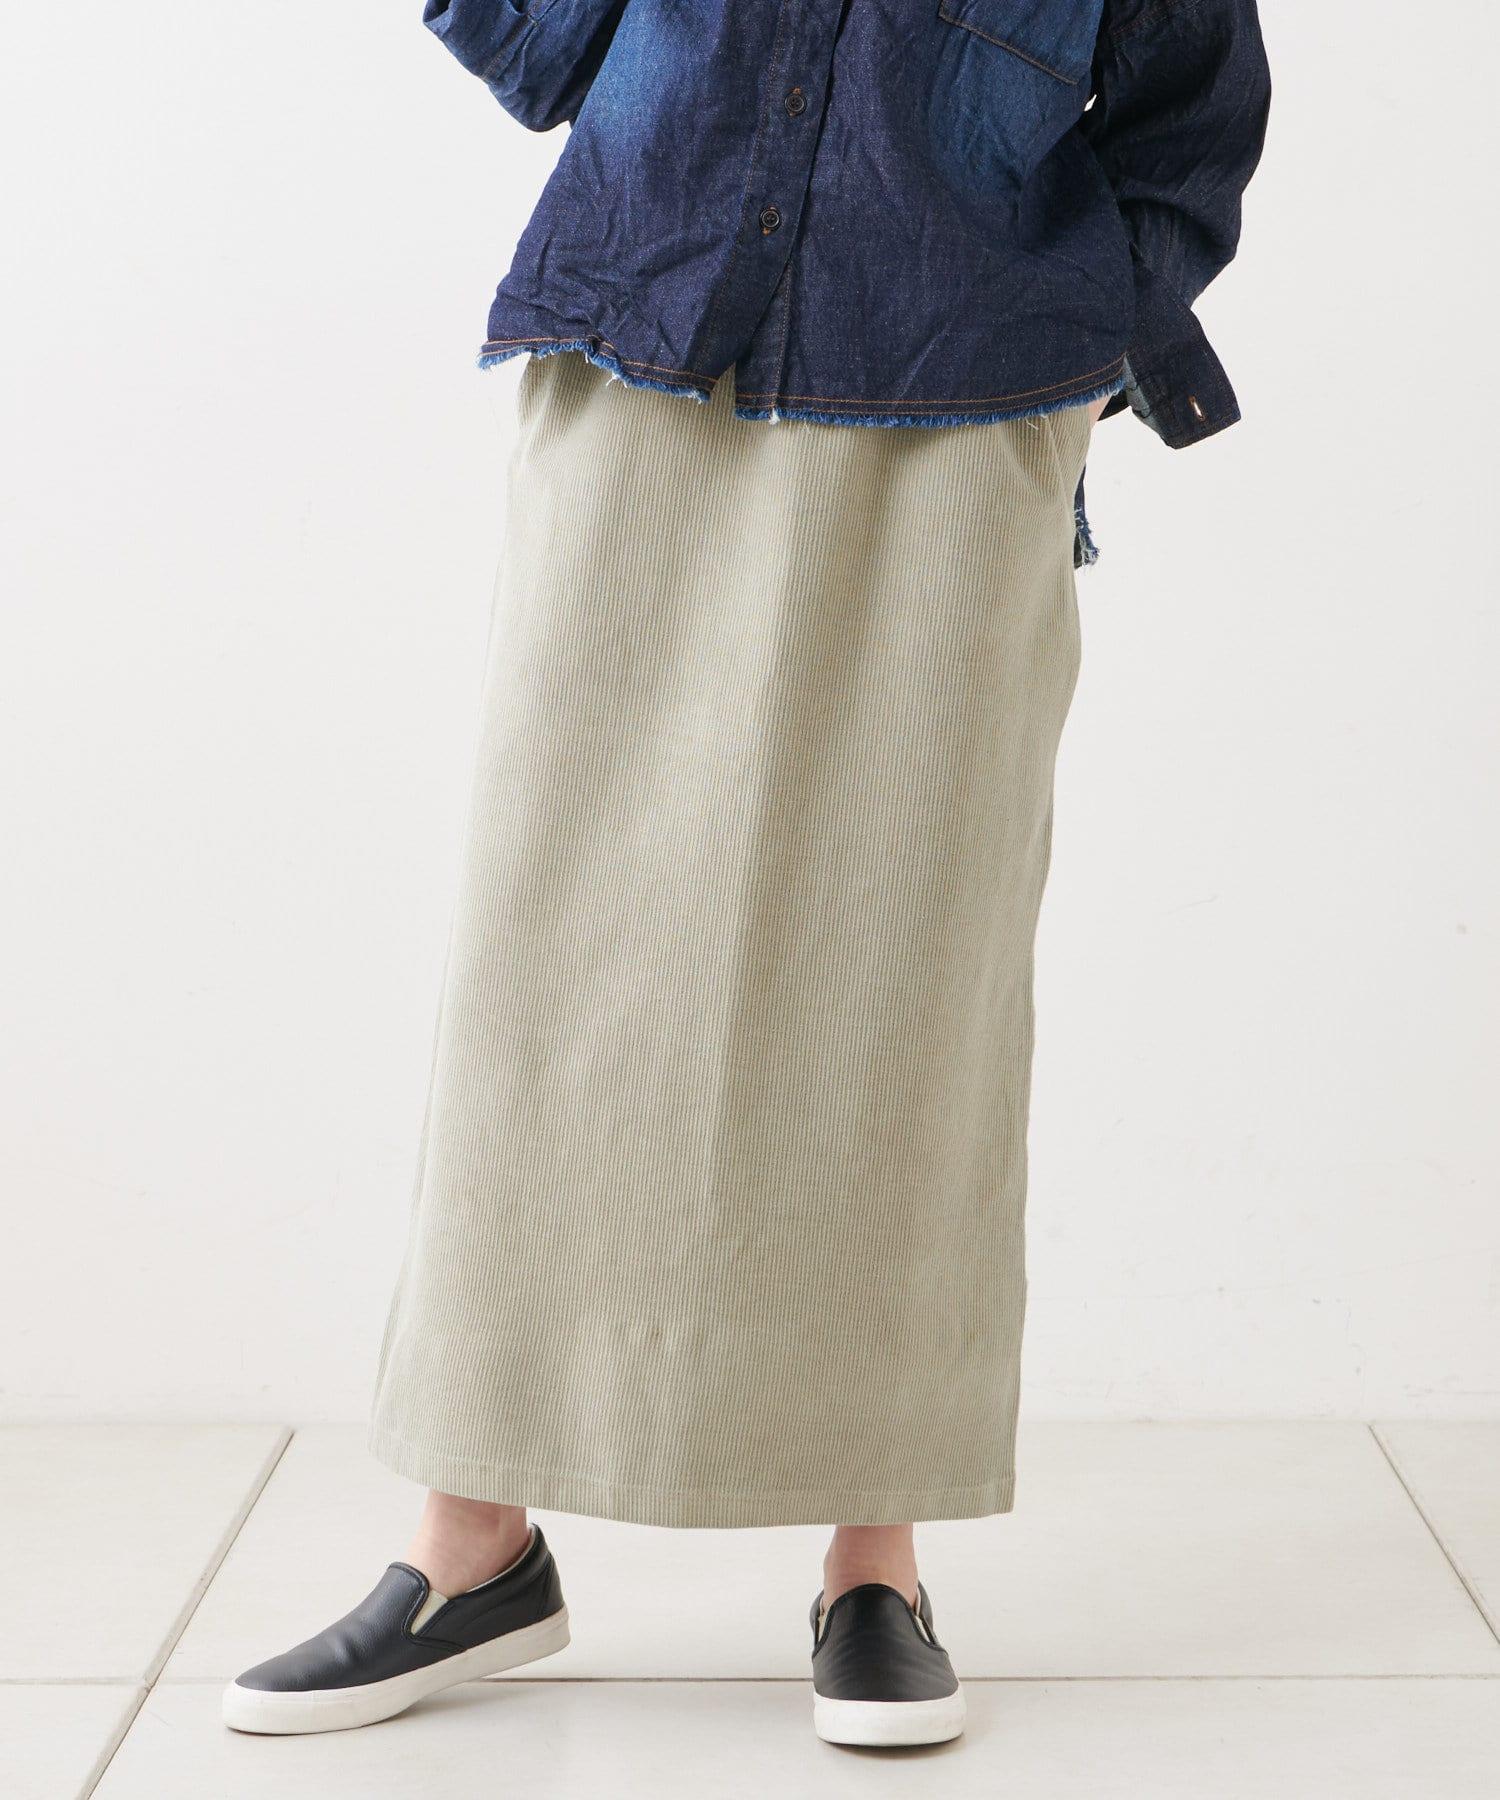 pual ce cin(ピュアルセシン) 【WEB限定】テレコピグメントスカート